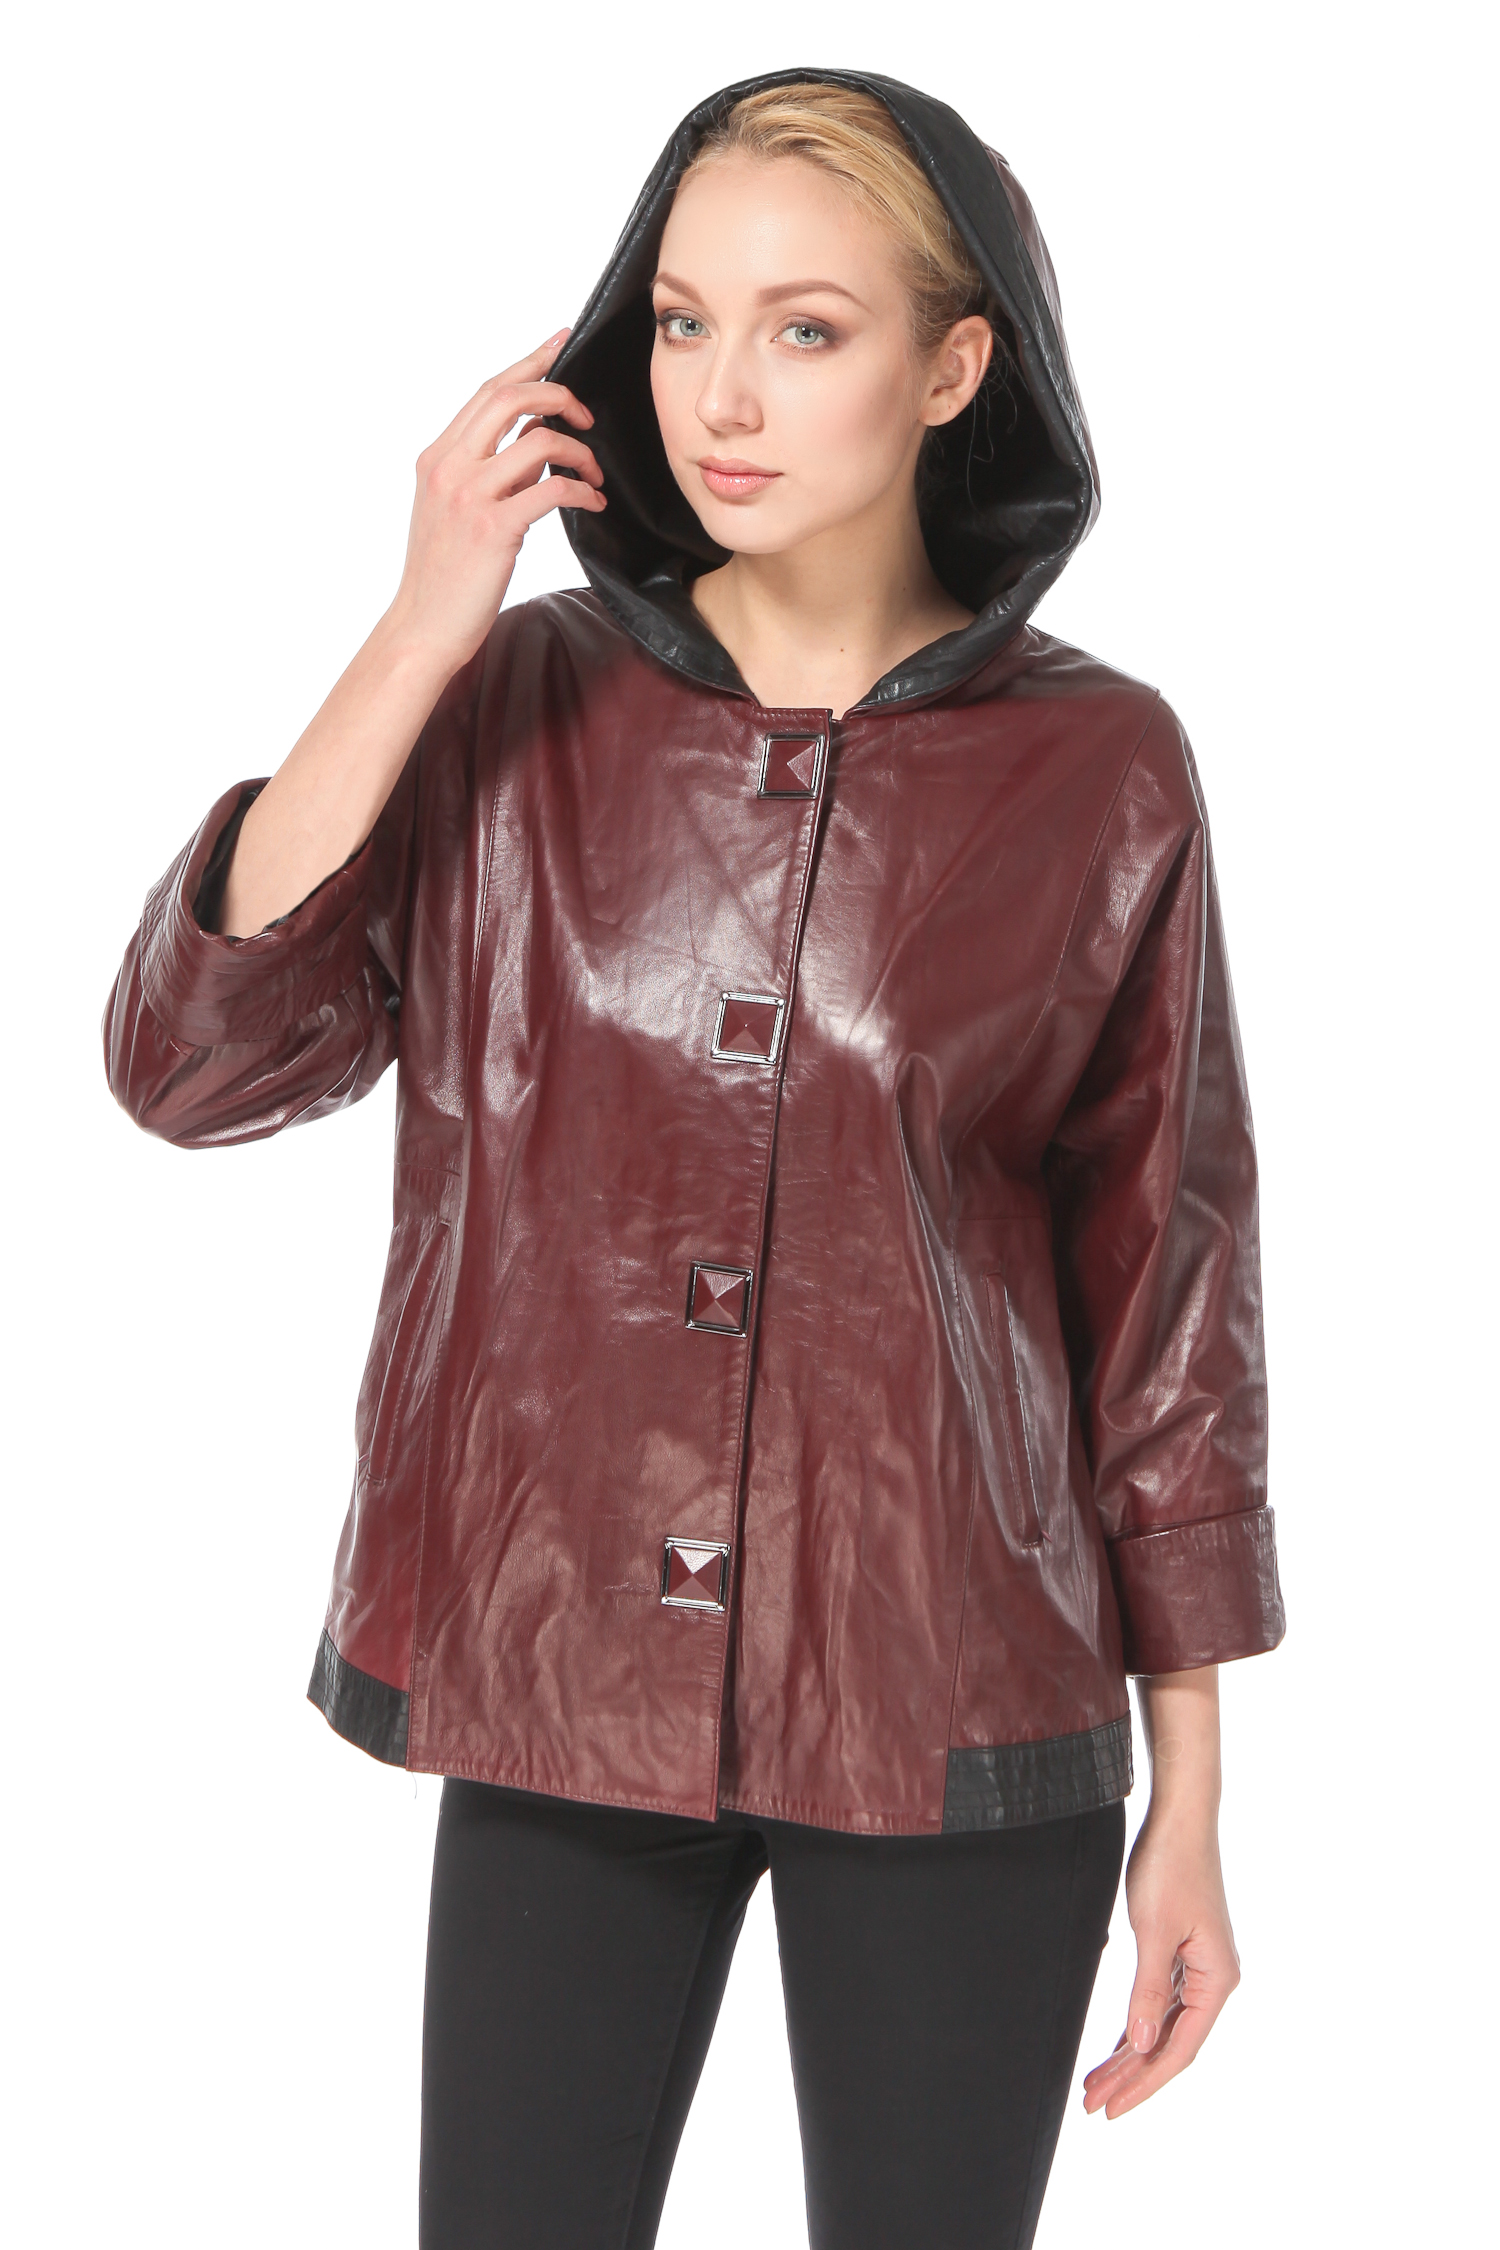 Женская кожаная куртка из натуральной кожи с капюшоном, без отделки<br><br>Воротник: Капюшон<br>Длина см: 65<br>Материал: Натуральная кожа<br>Цвет: Бордовый<br>Пол: Женский